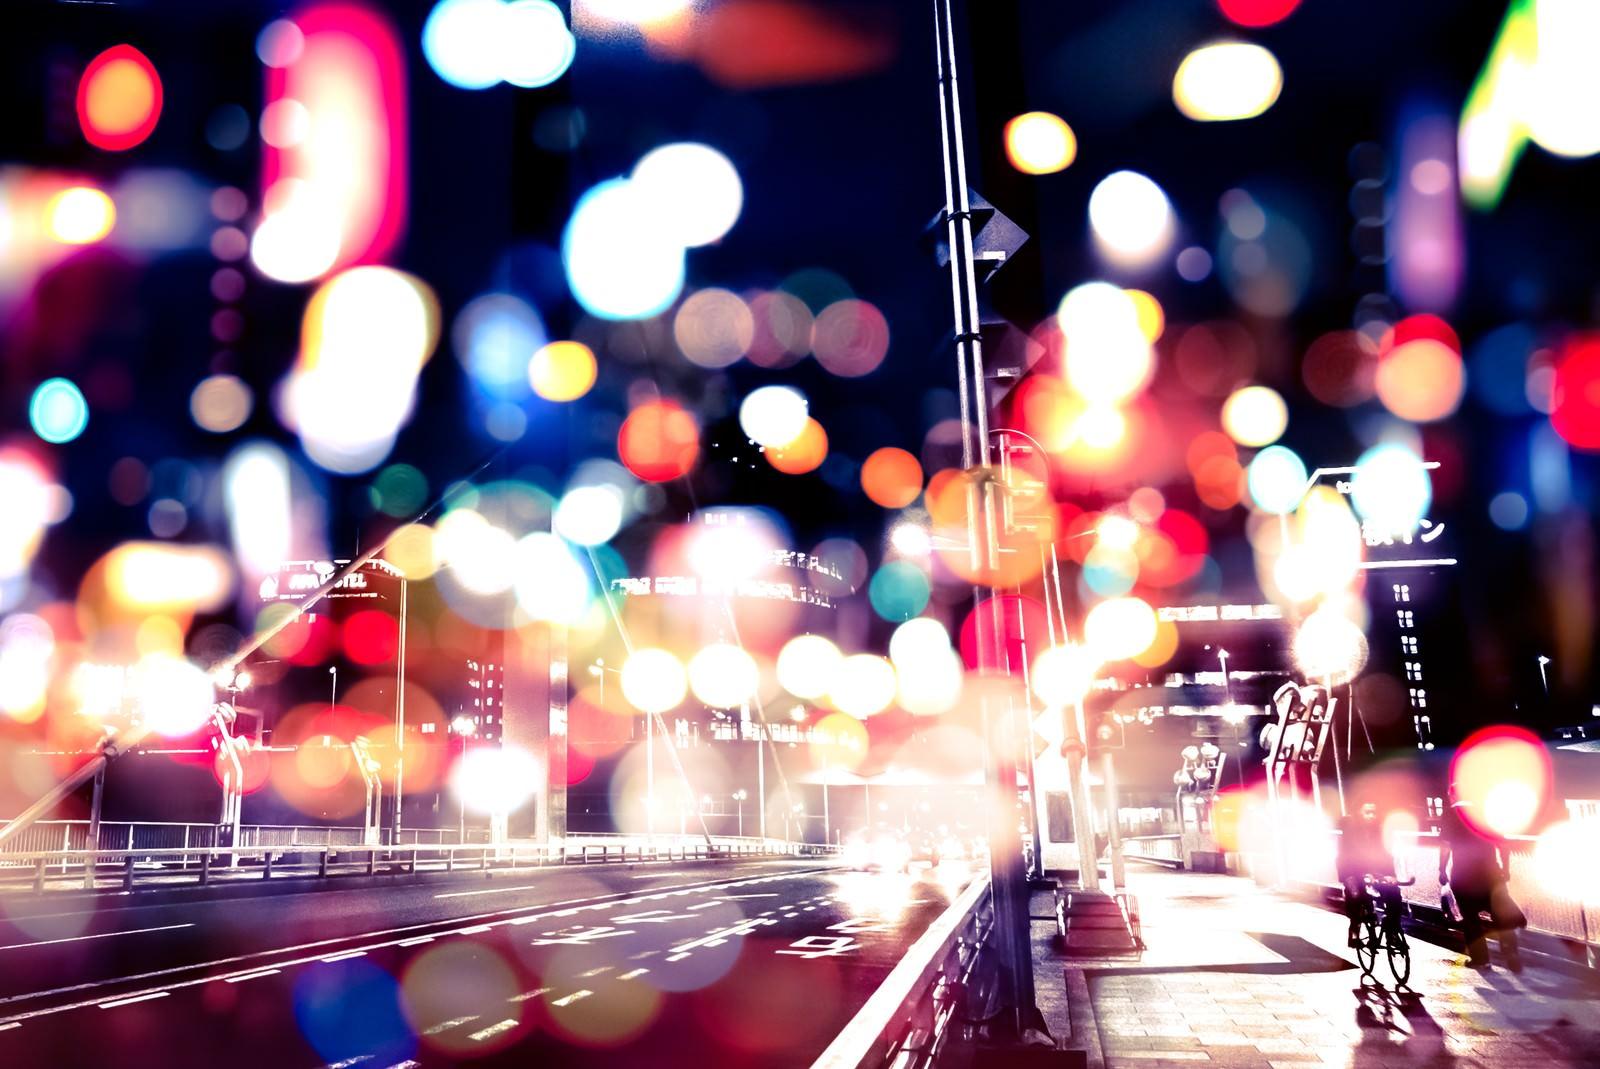 「光あふれる街並み(フォトモンタージュ)光あふれる街並み(フォトモンタージュ)」のフリー写真素材を拡大